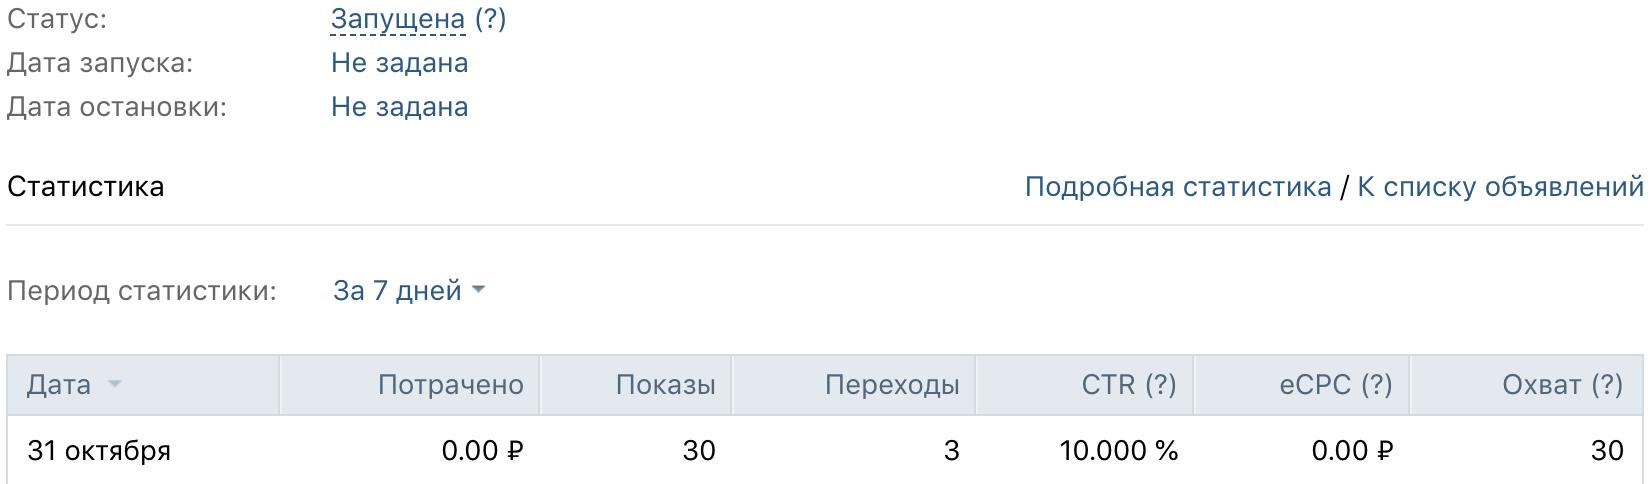 Бесплатные клики при CTR 10% - и такое бывает)